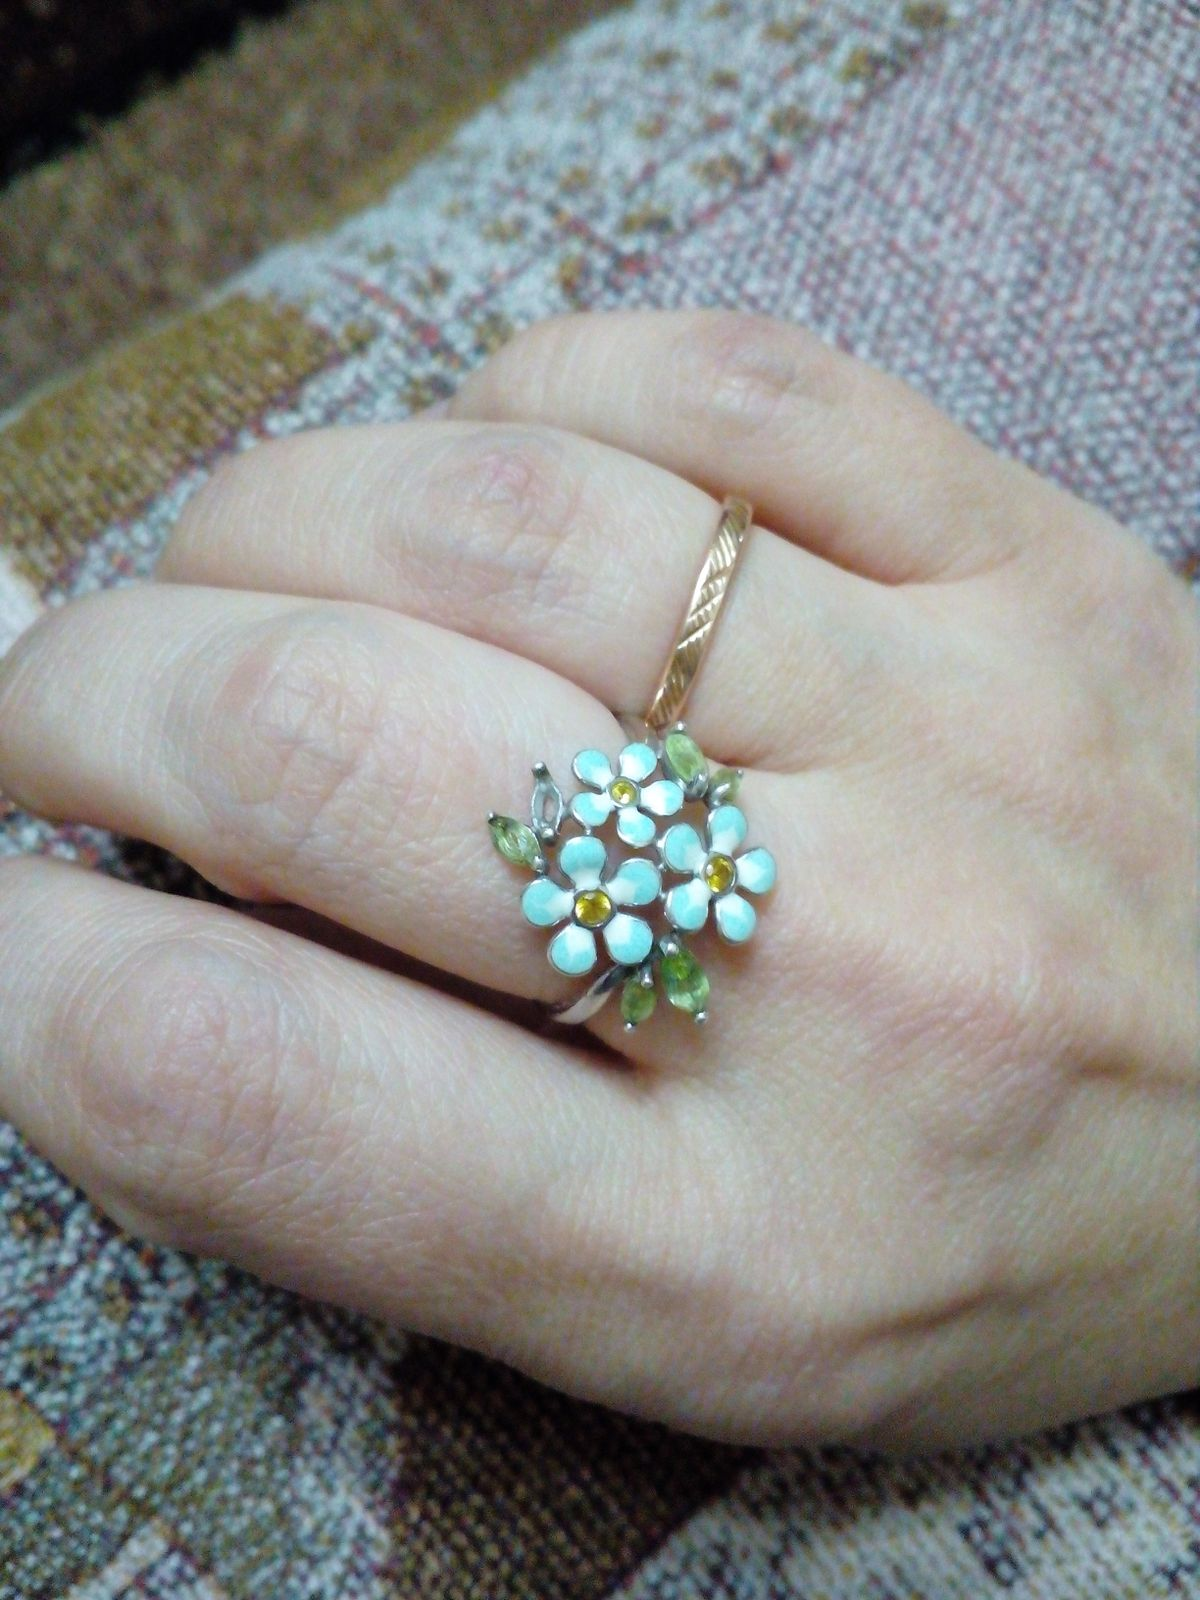 Некачественно выполнено кольцо.